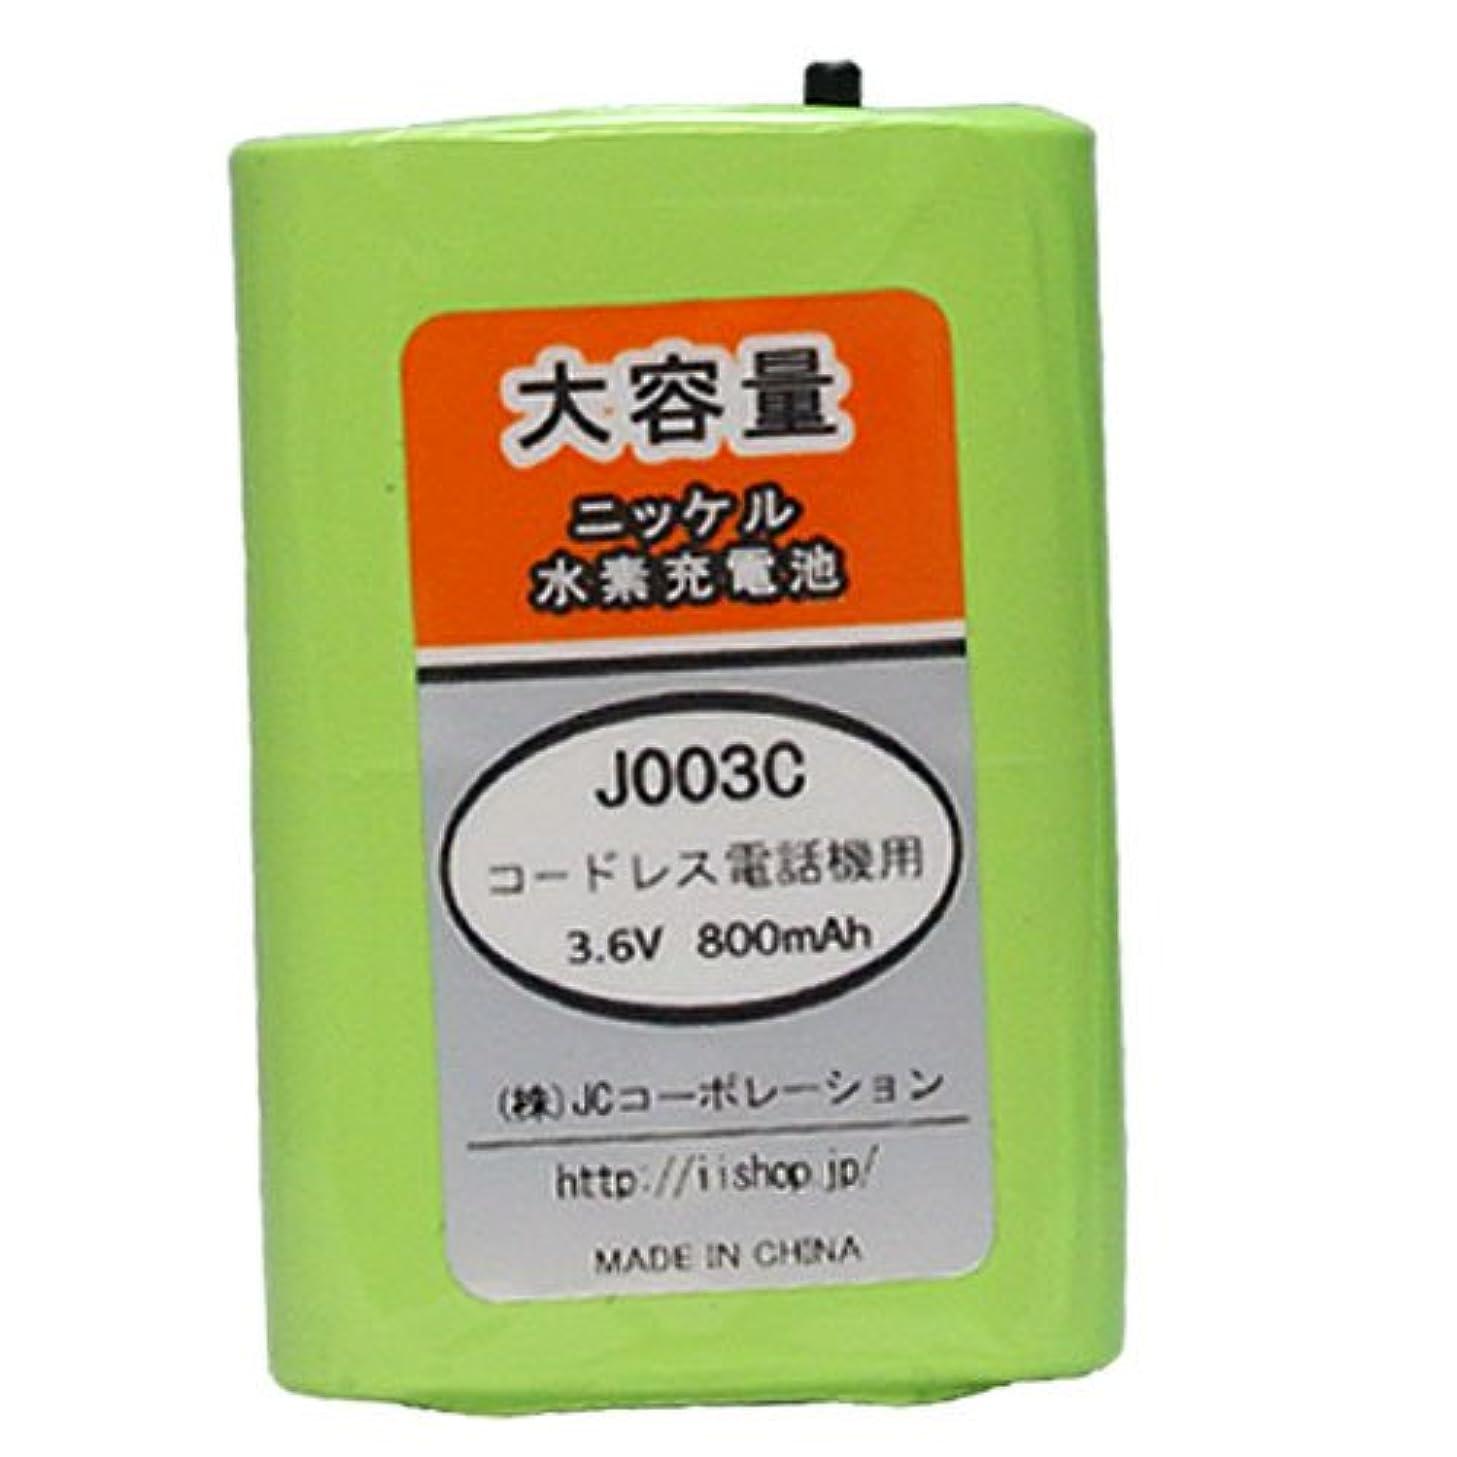 争う優雅叫び声【JC】Panasonic KX-FAN51 対応 ニッケル水素 互換充電池 【BK-T407 互換】